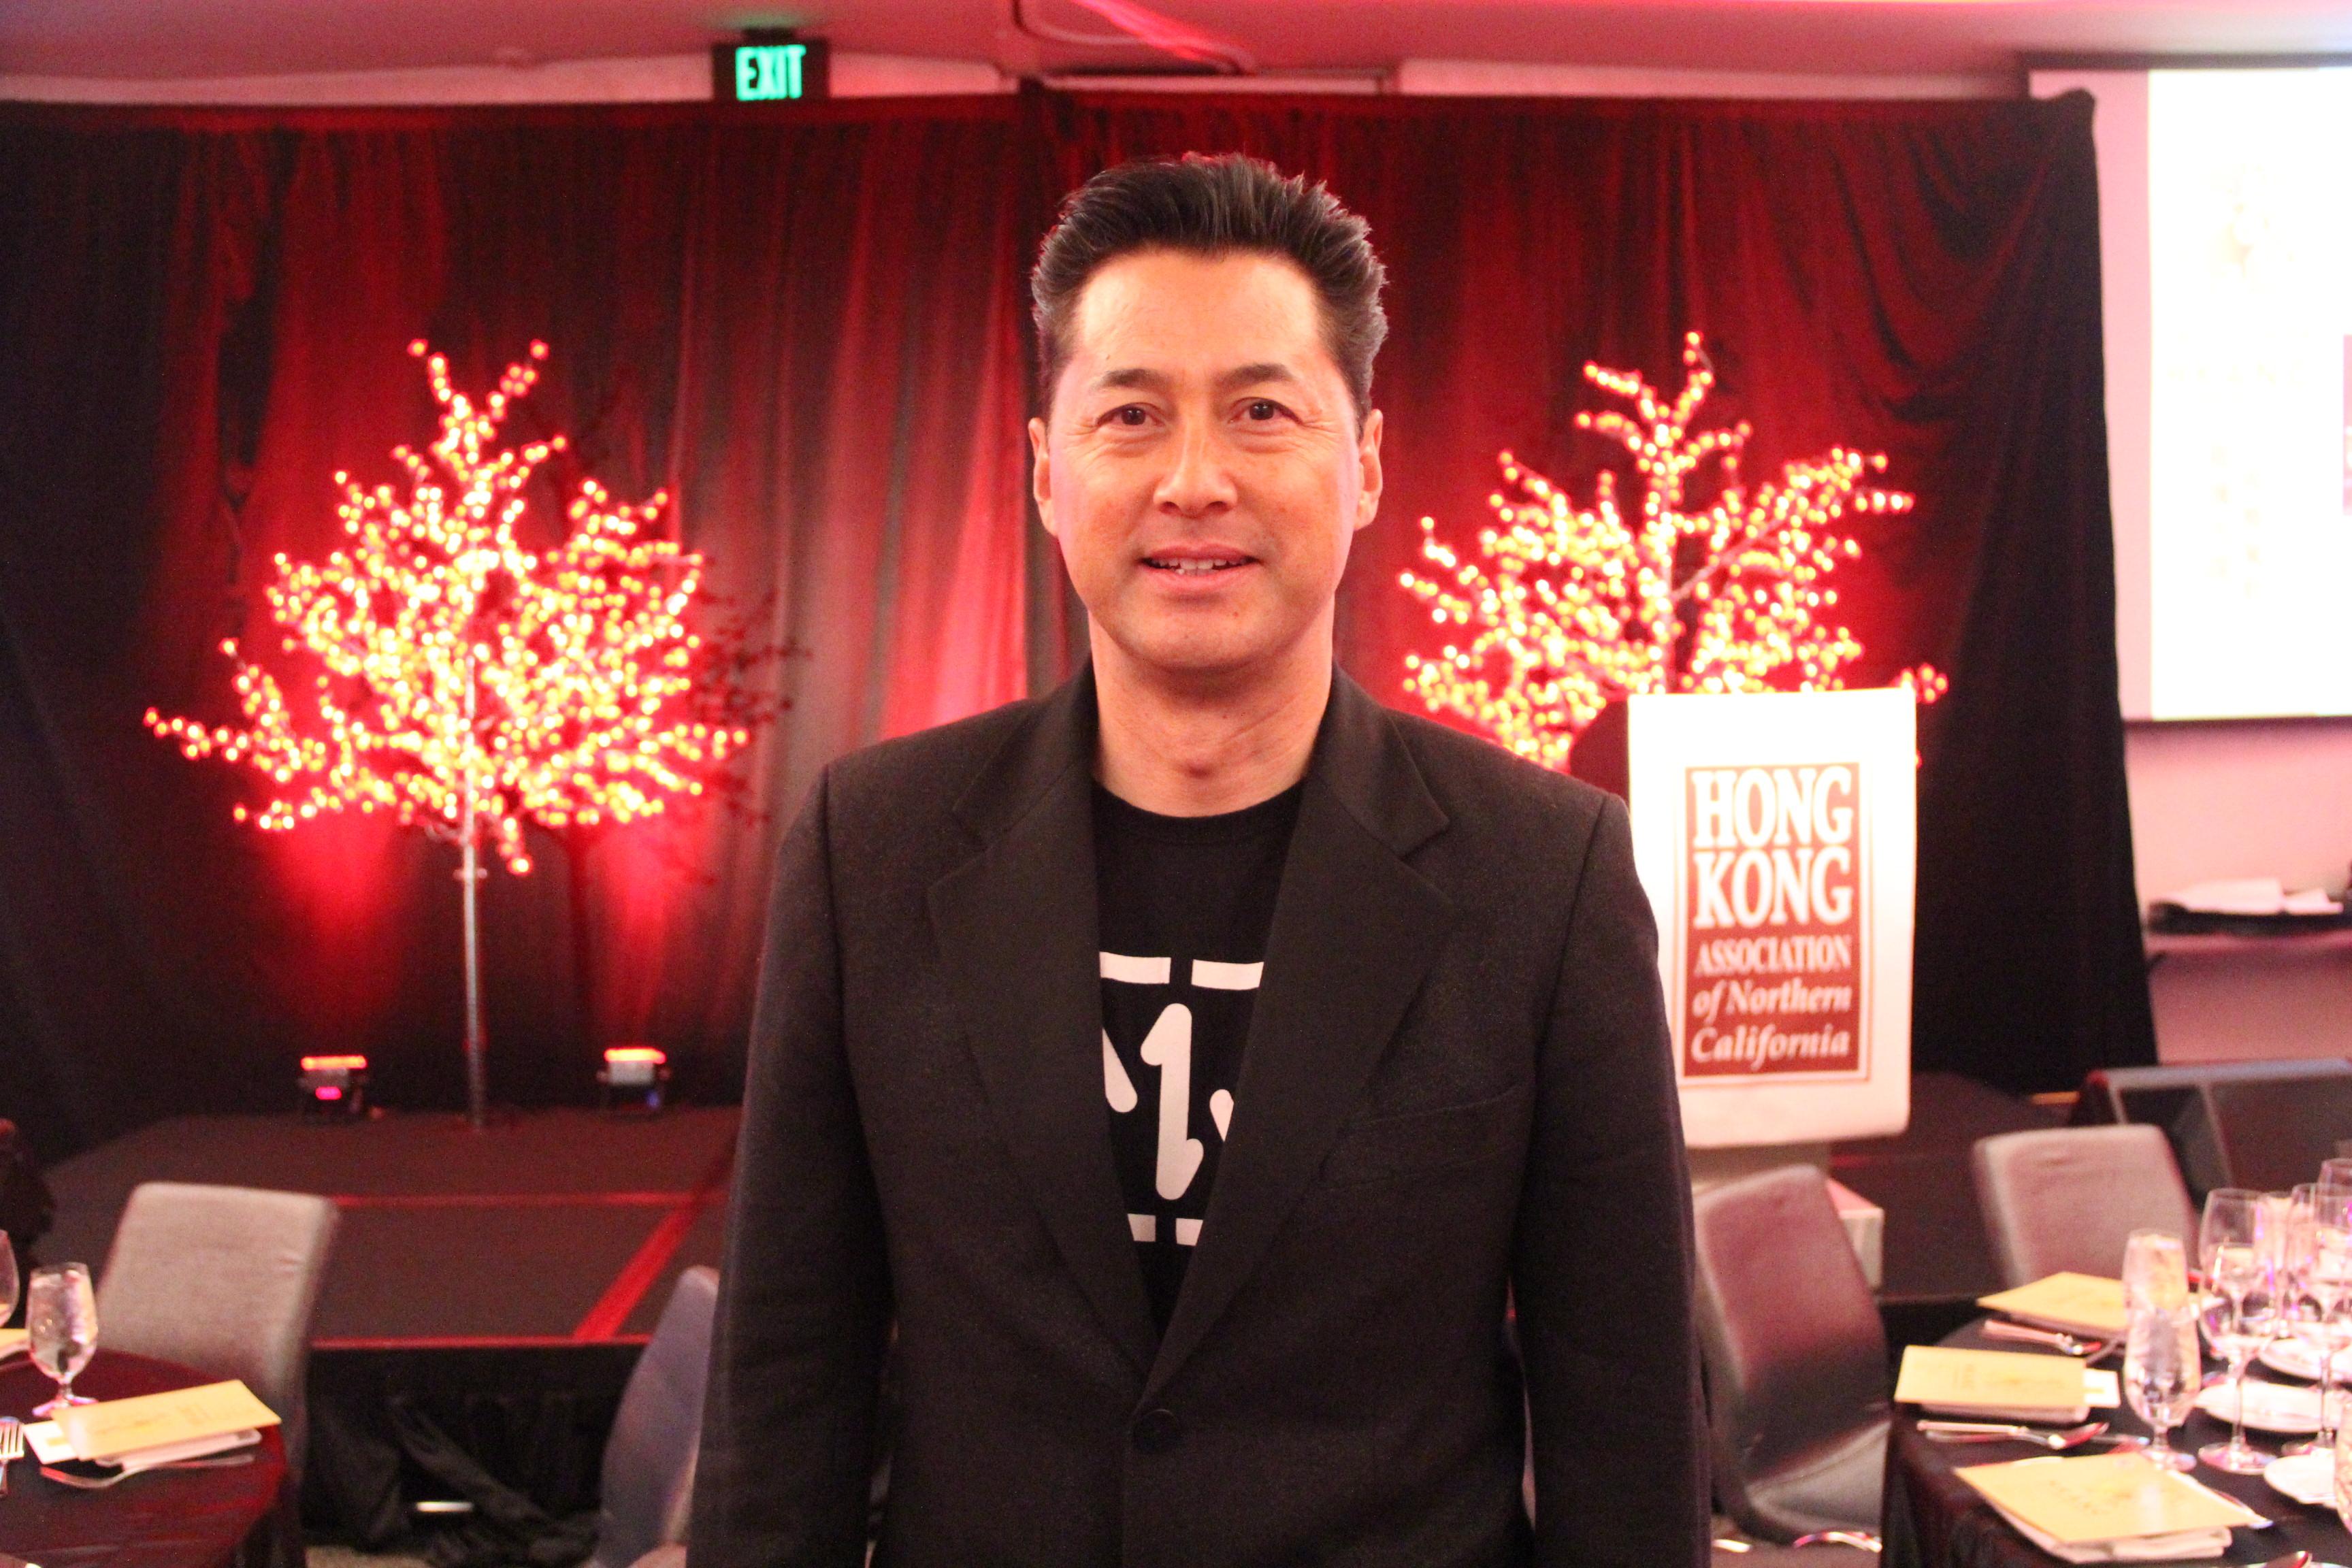 香港影星王敏德出席晚宴。(記者李晗╱攝影)